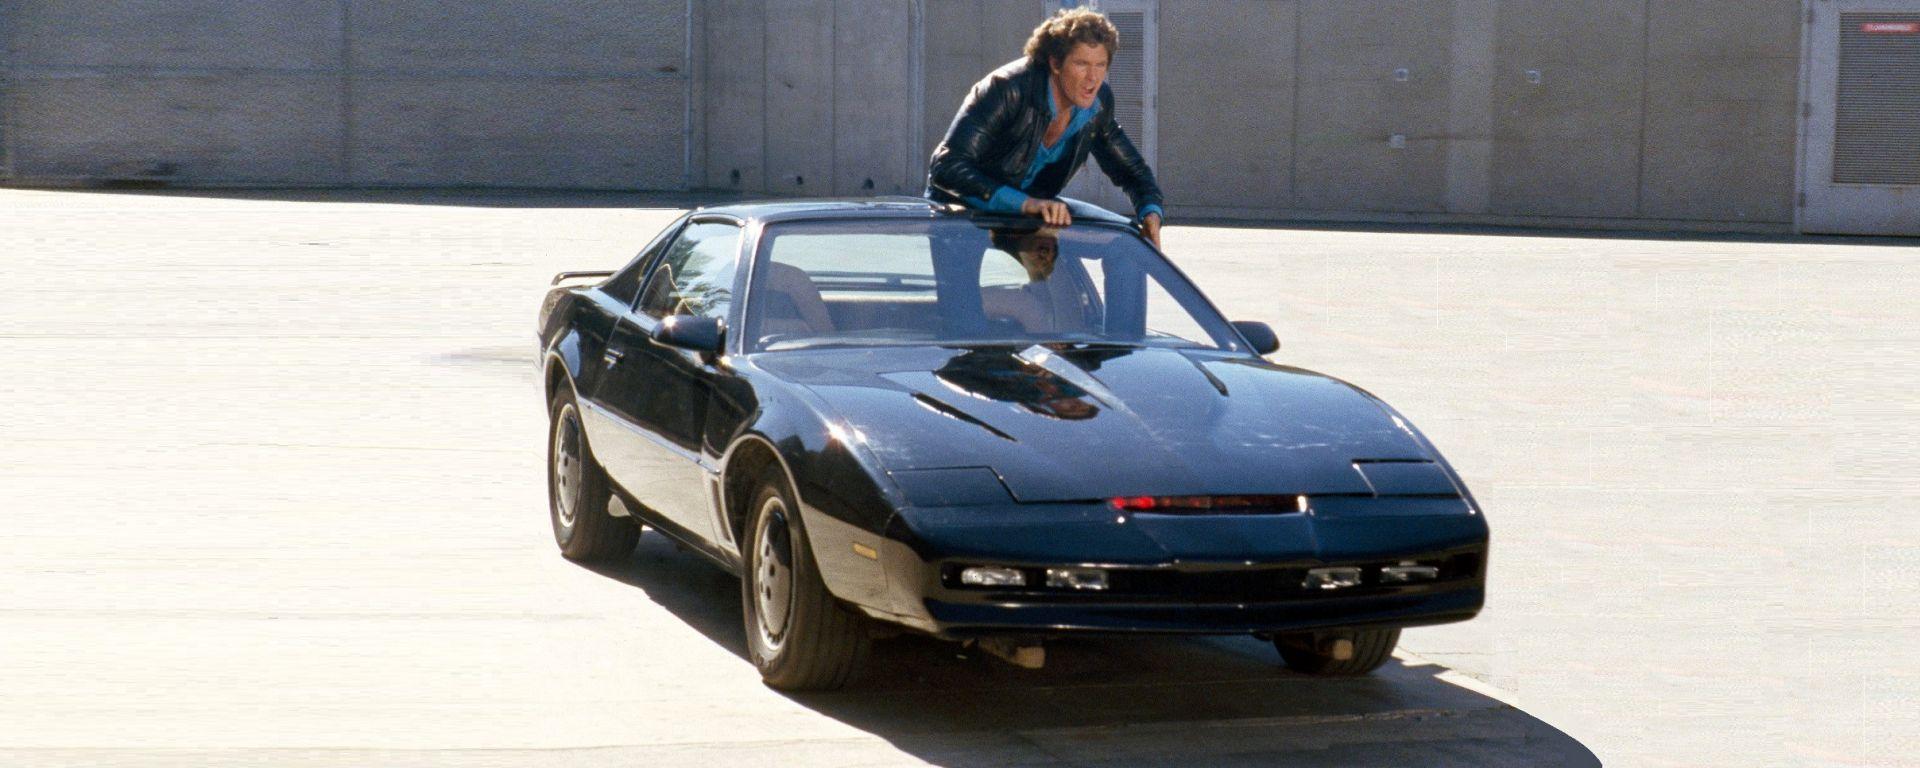 David Hasselhoff/Michael Knight con K.I.T.T. in un fotogramma della serie Supercar